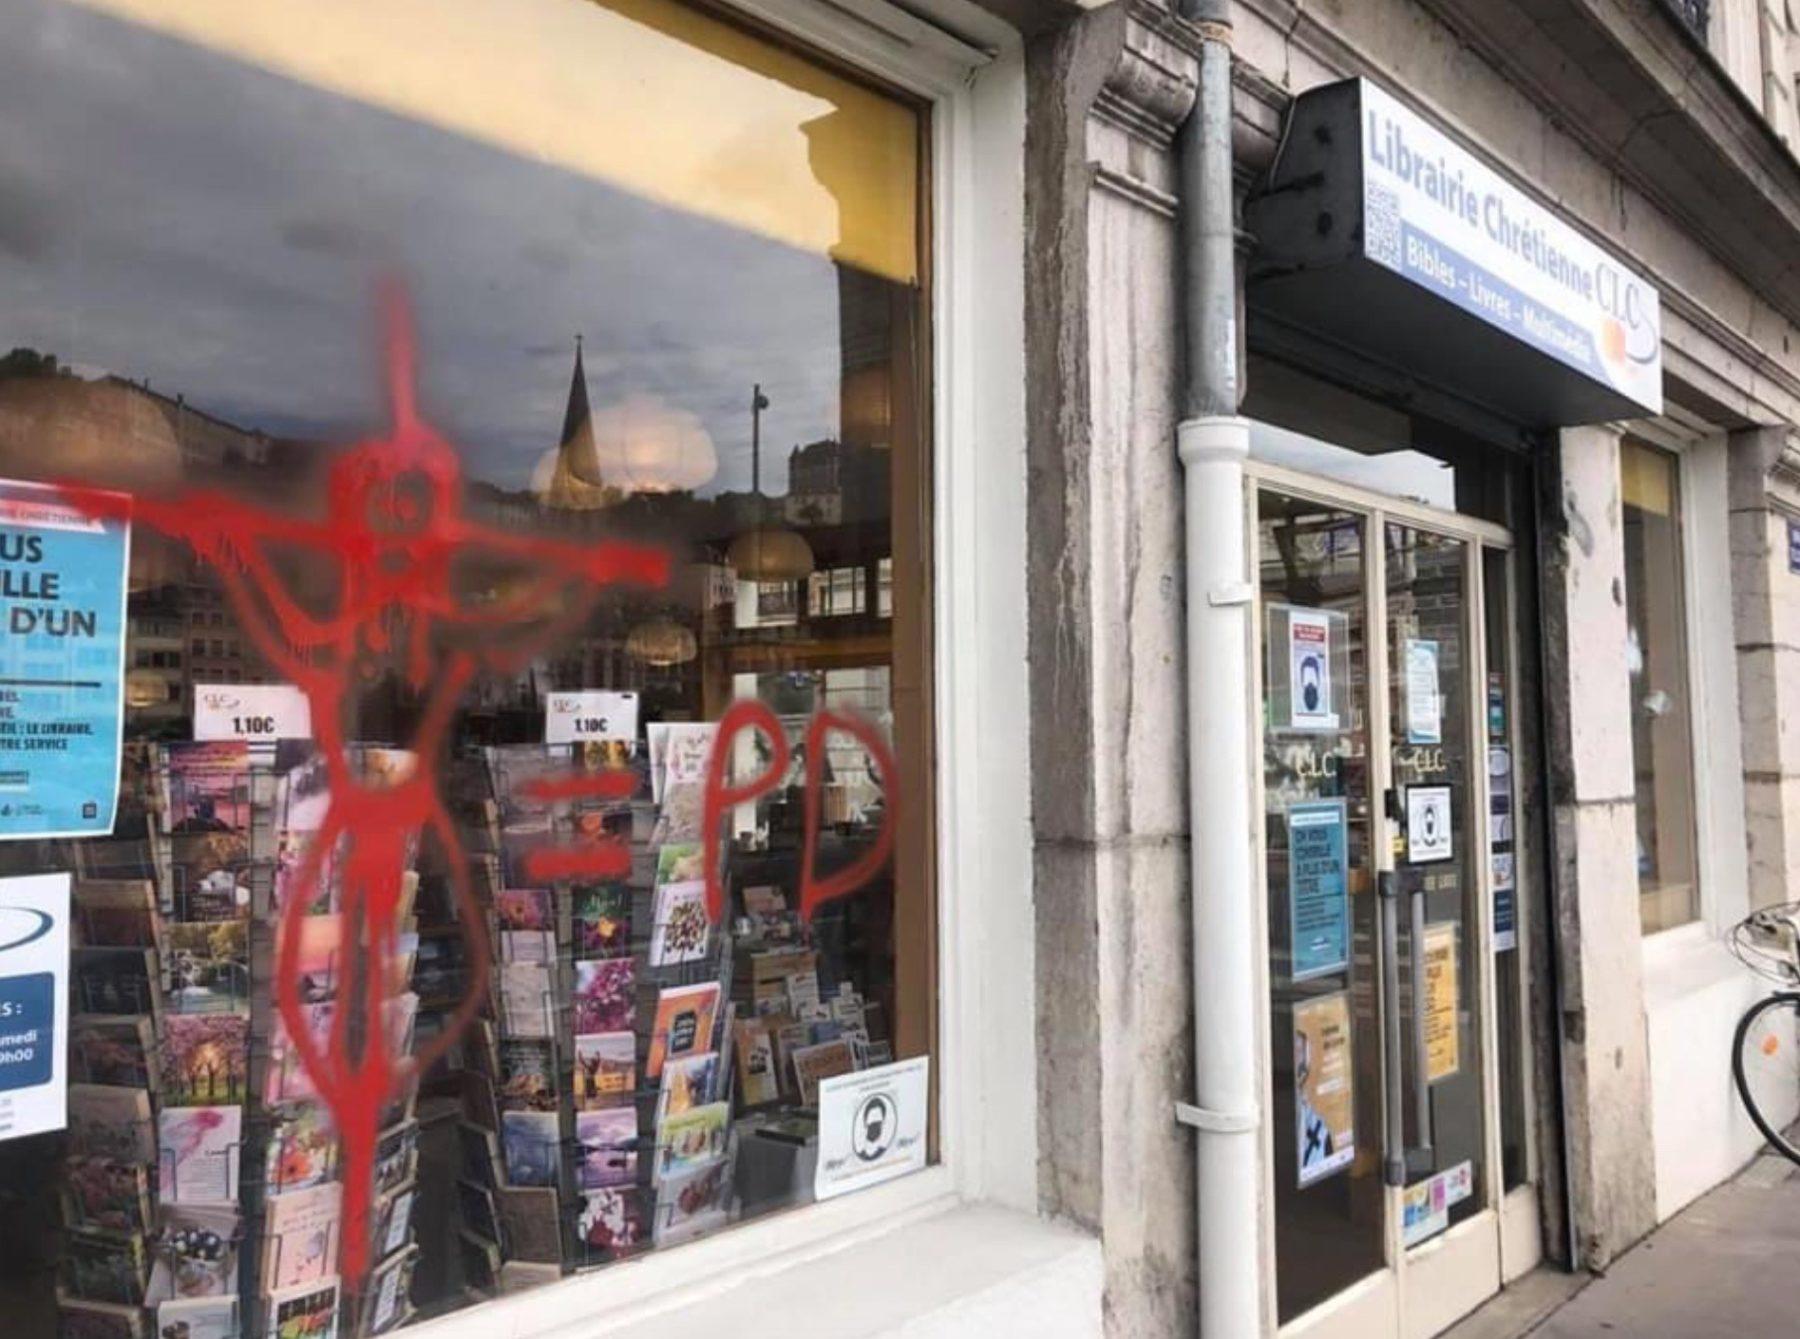 vitrine d'une librairie chrétienne taguée d un christ en croix suivi d une insulte